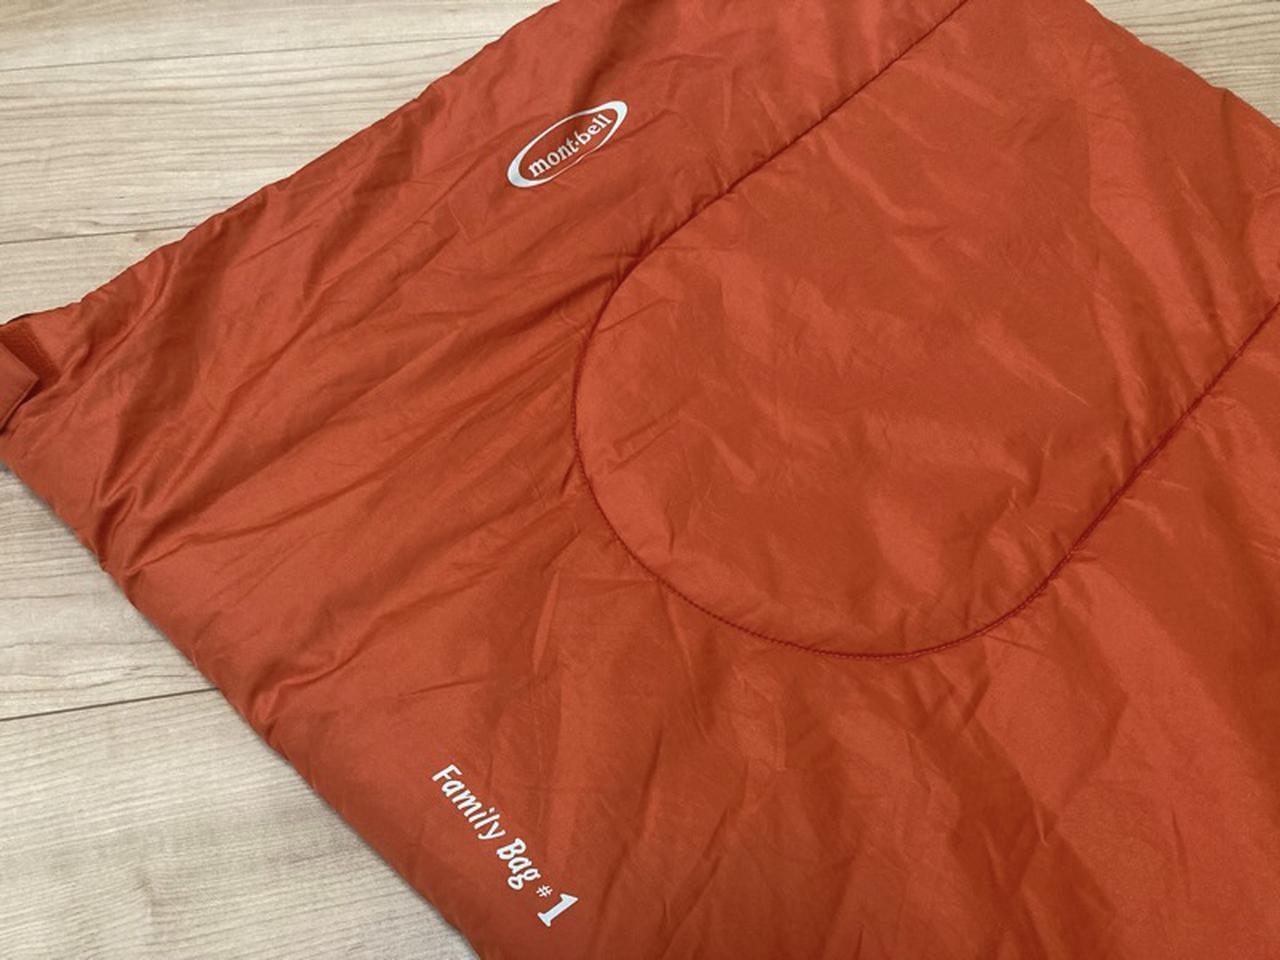 画像: 【mont-bell(モンベル)の寝袋レビュー】『ファミリーバッグ#1』は子供の添い寝にもピッタリな封筒型シュラフ - ハピキャン|キャンプ・アウトドア情報メディア